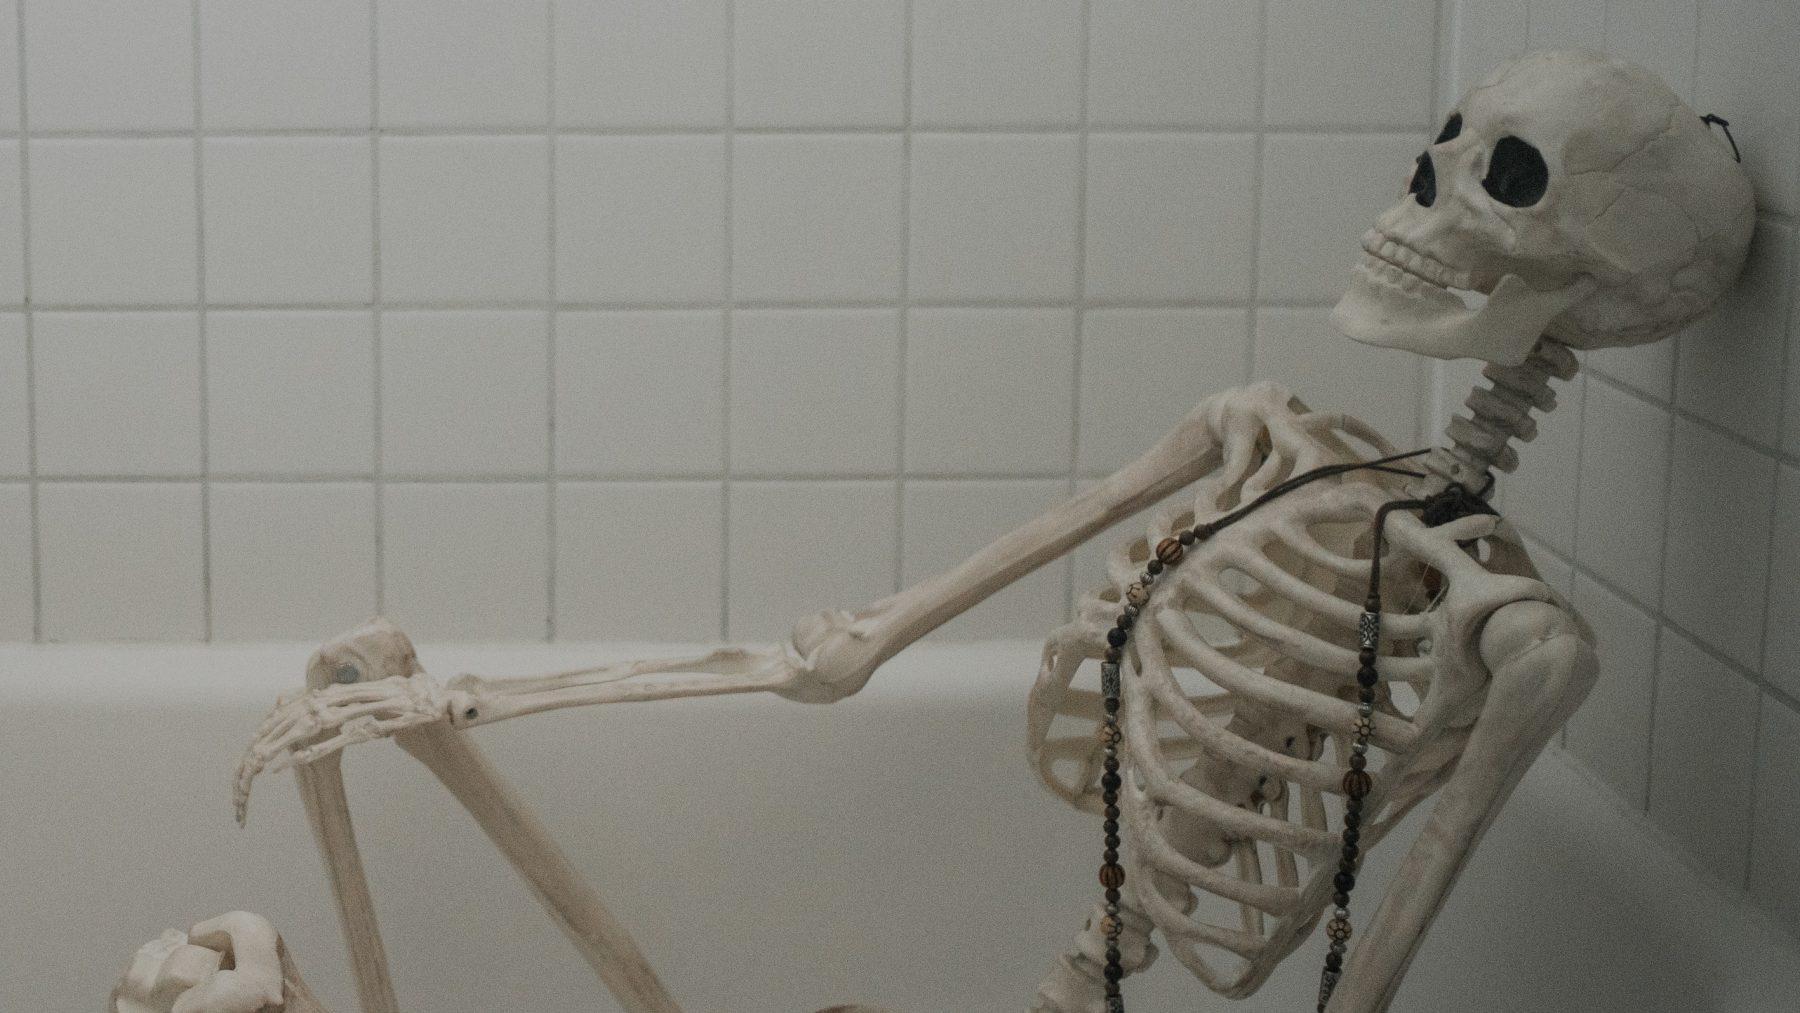 Makelaar Donna verkoopt 'Halloween-huizen' dankzij hilarische skeletten van 3 meter